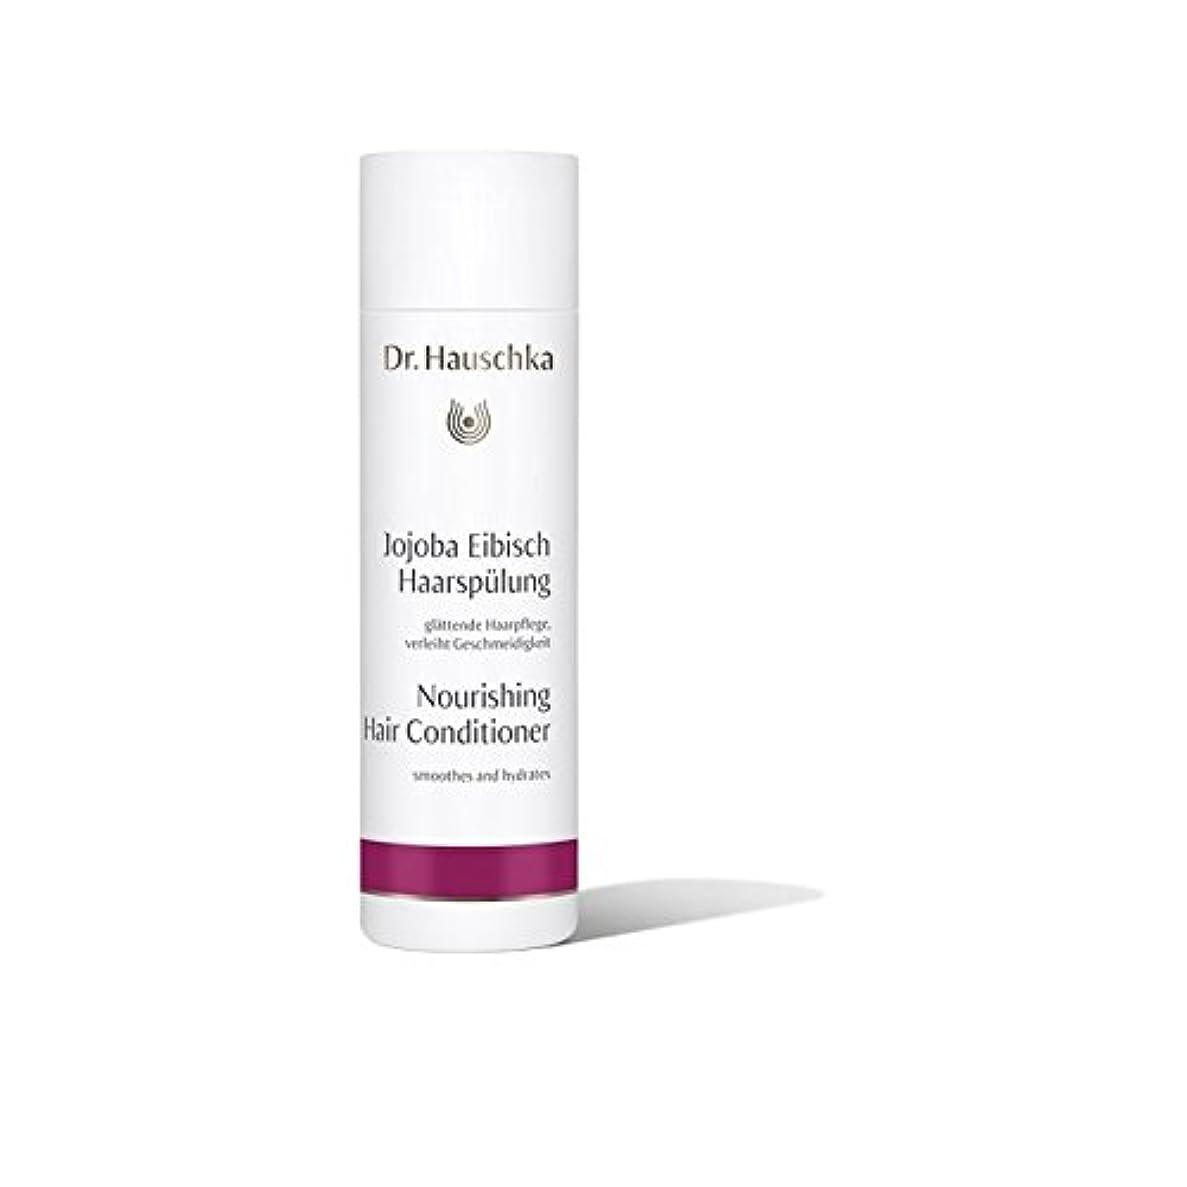 ハウシュカ栄養ヘアコンディショナー(200ミリリットル) x4 - Dr. Hauschka Nourishing Hair Conditioner (200ml) (Pack of 4) [並行輸入品]